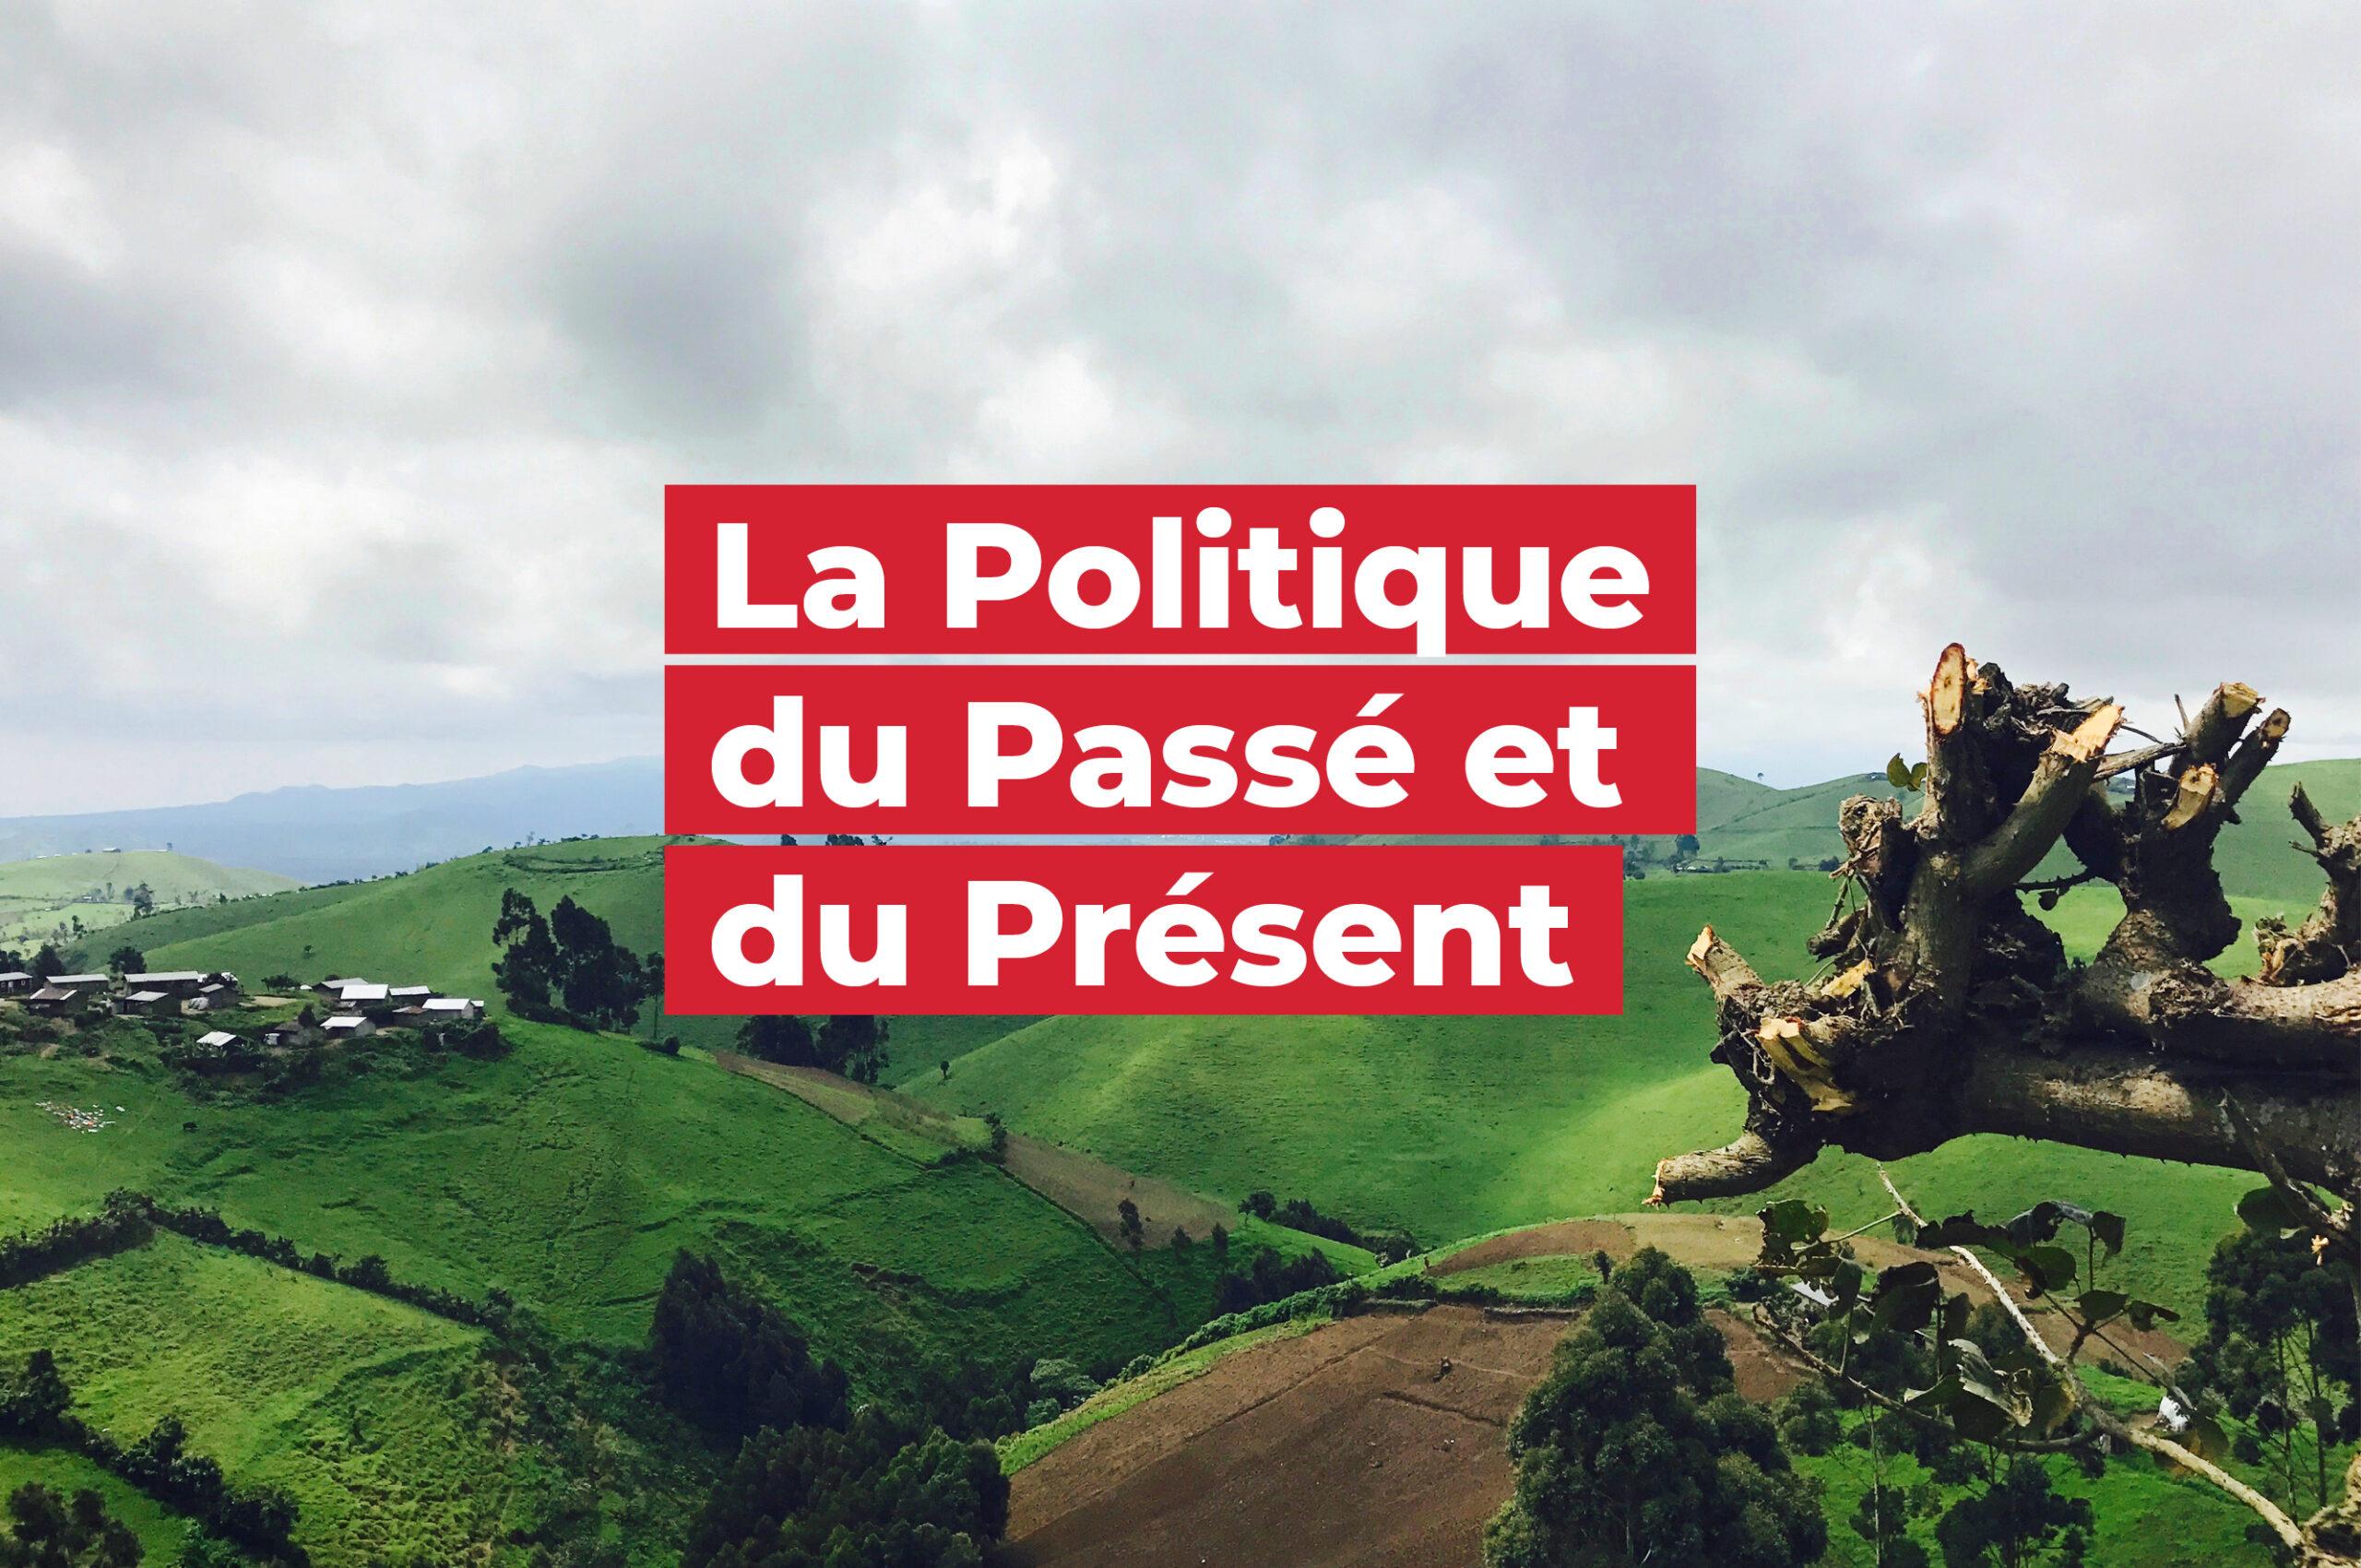 07_GIC_La Politique du Passé et du Présent_2